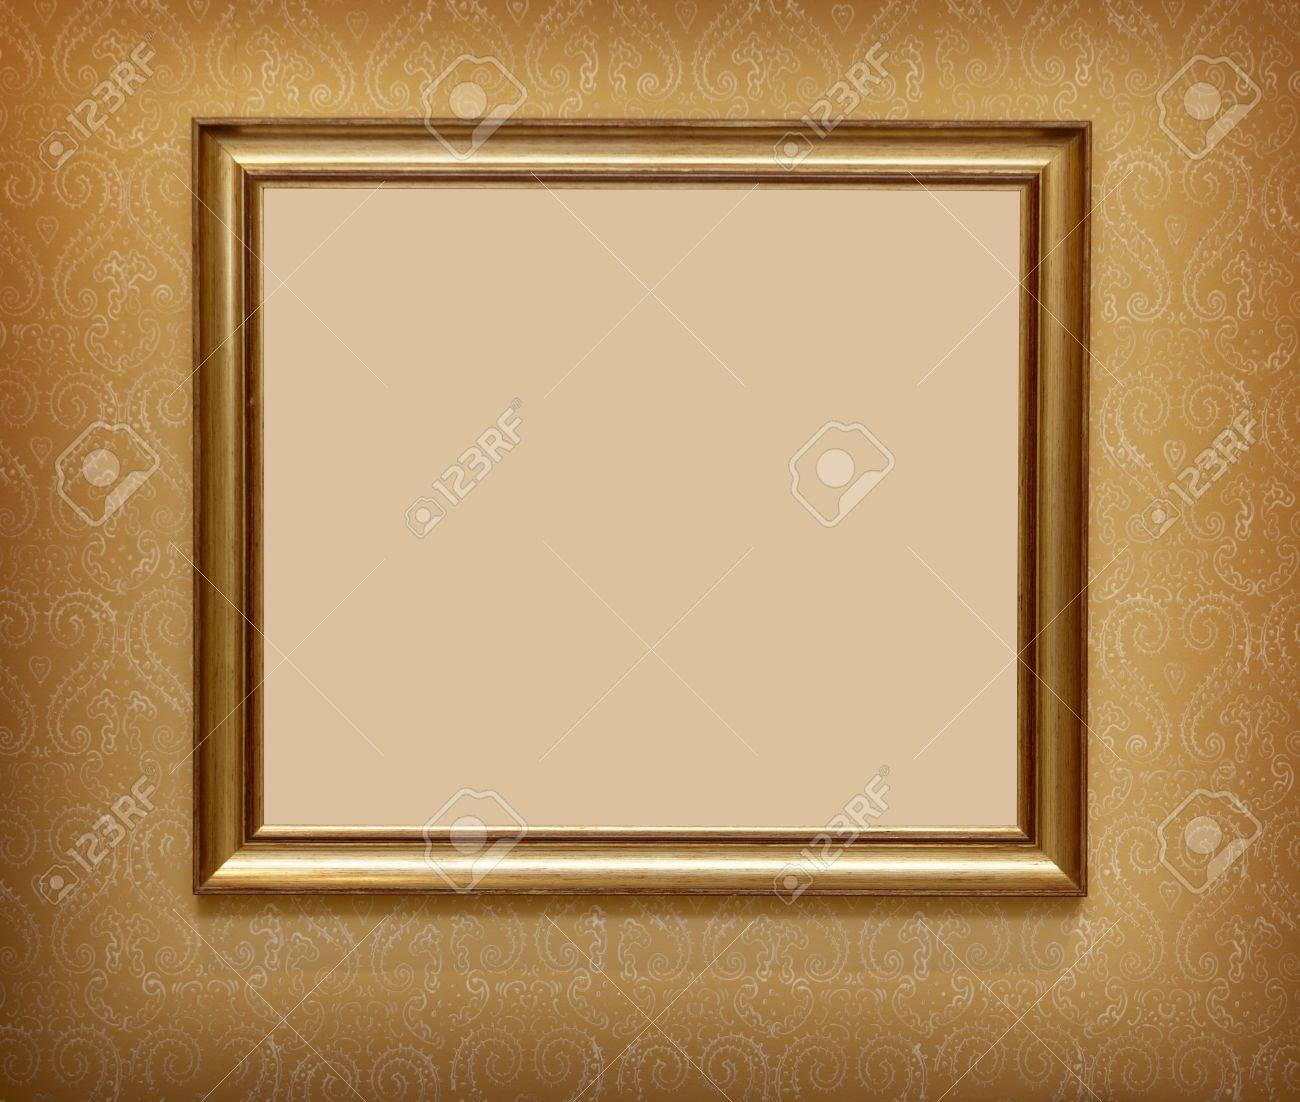 foto de archivo marco de madera para pared decorativa de pintura o fotografa ona